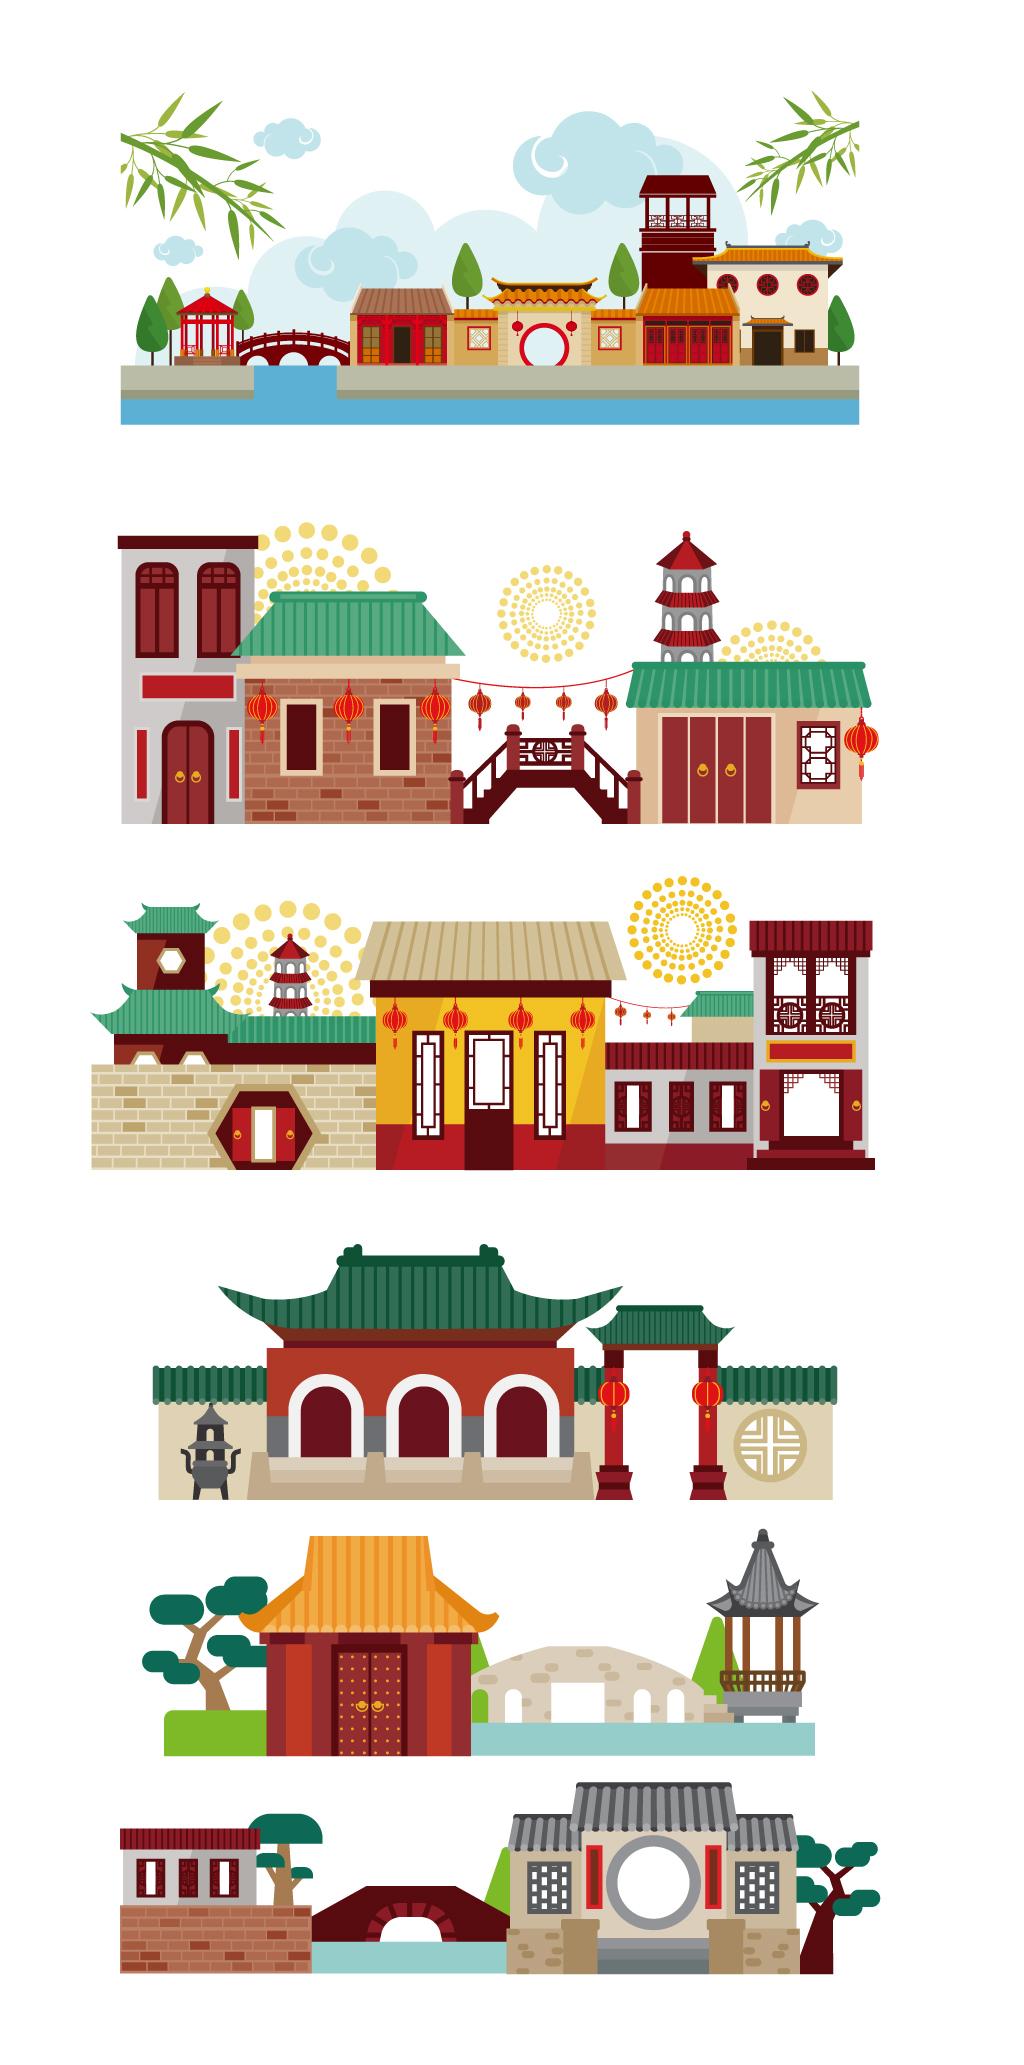 中国风建筑剪影商店手绘卡通店铺寺庙素材